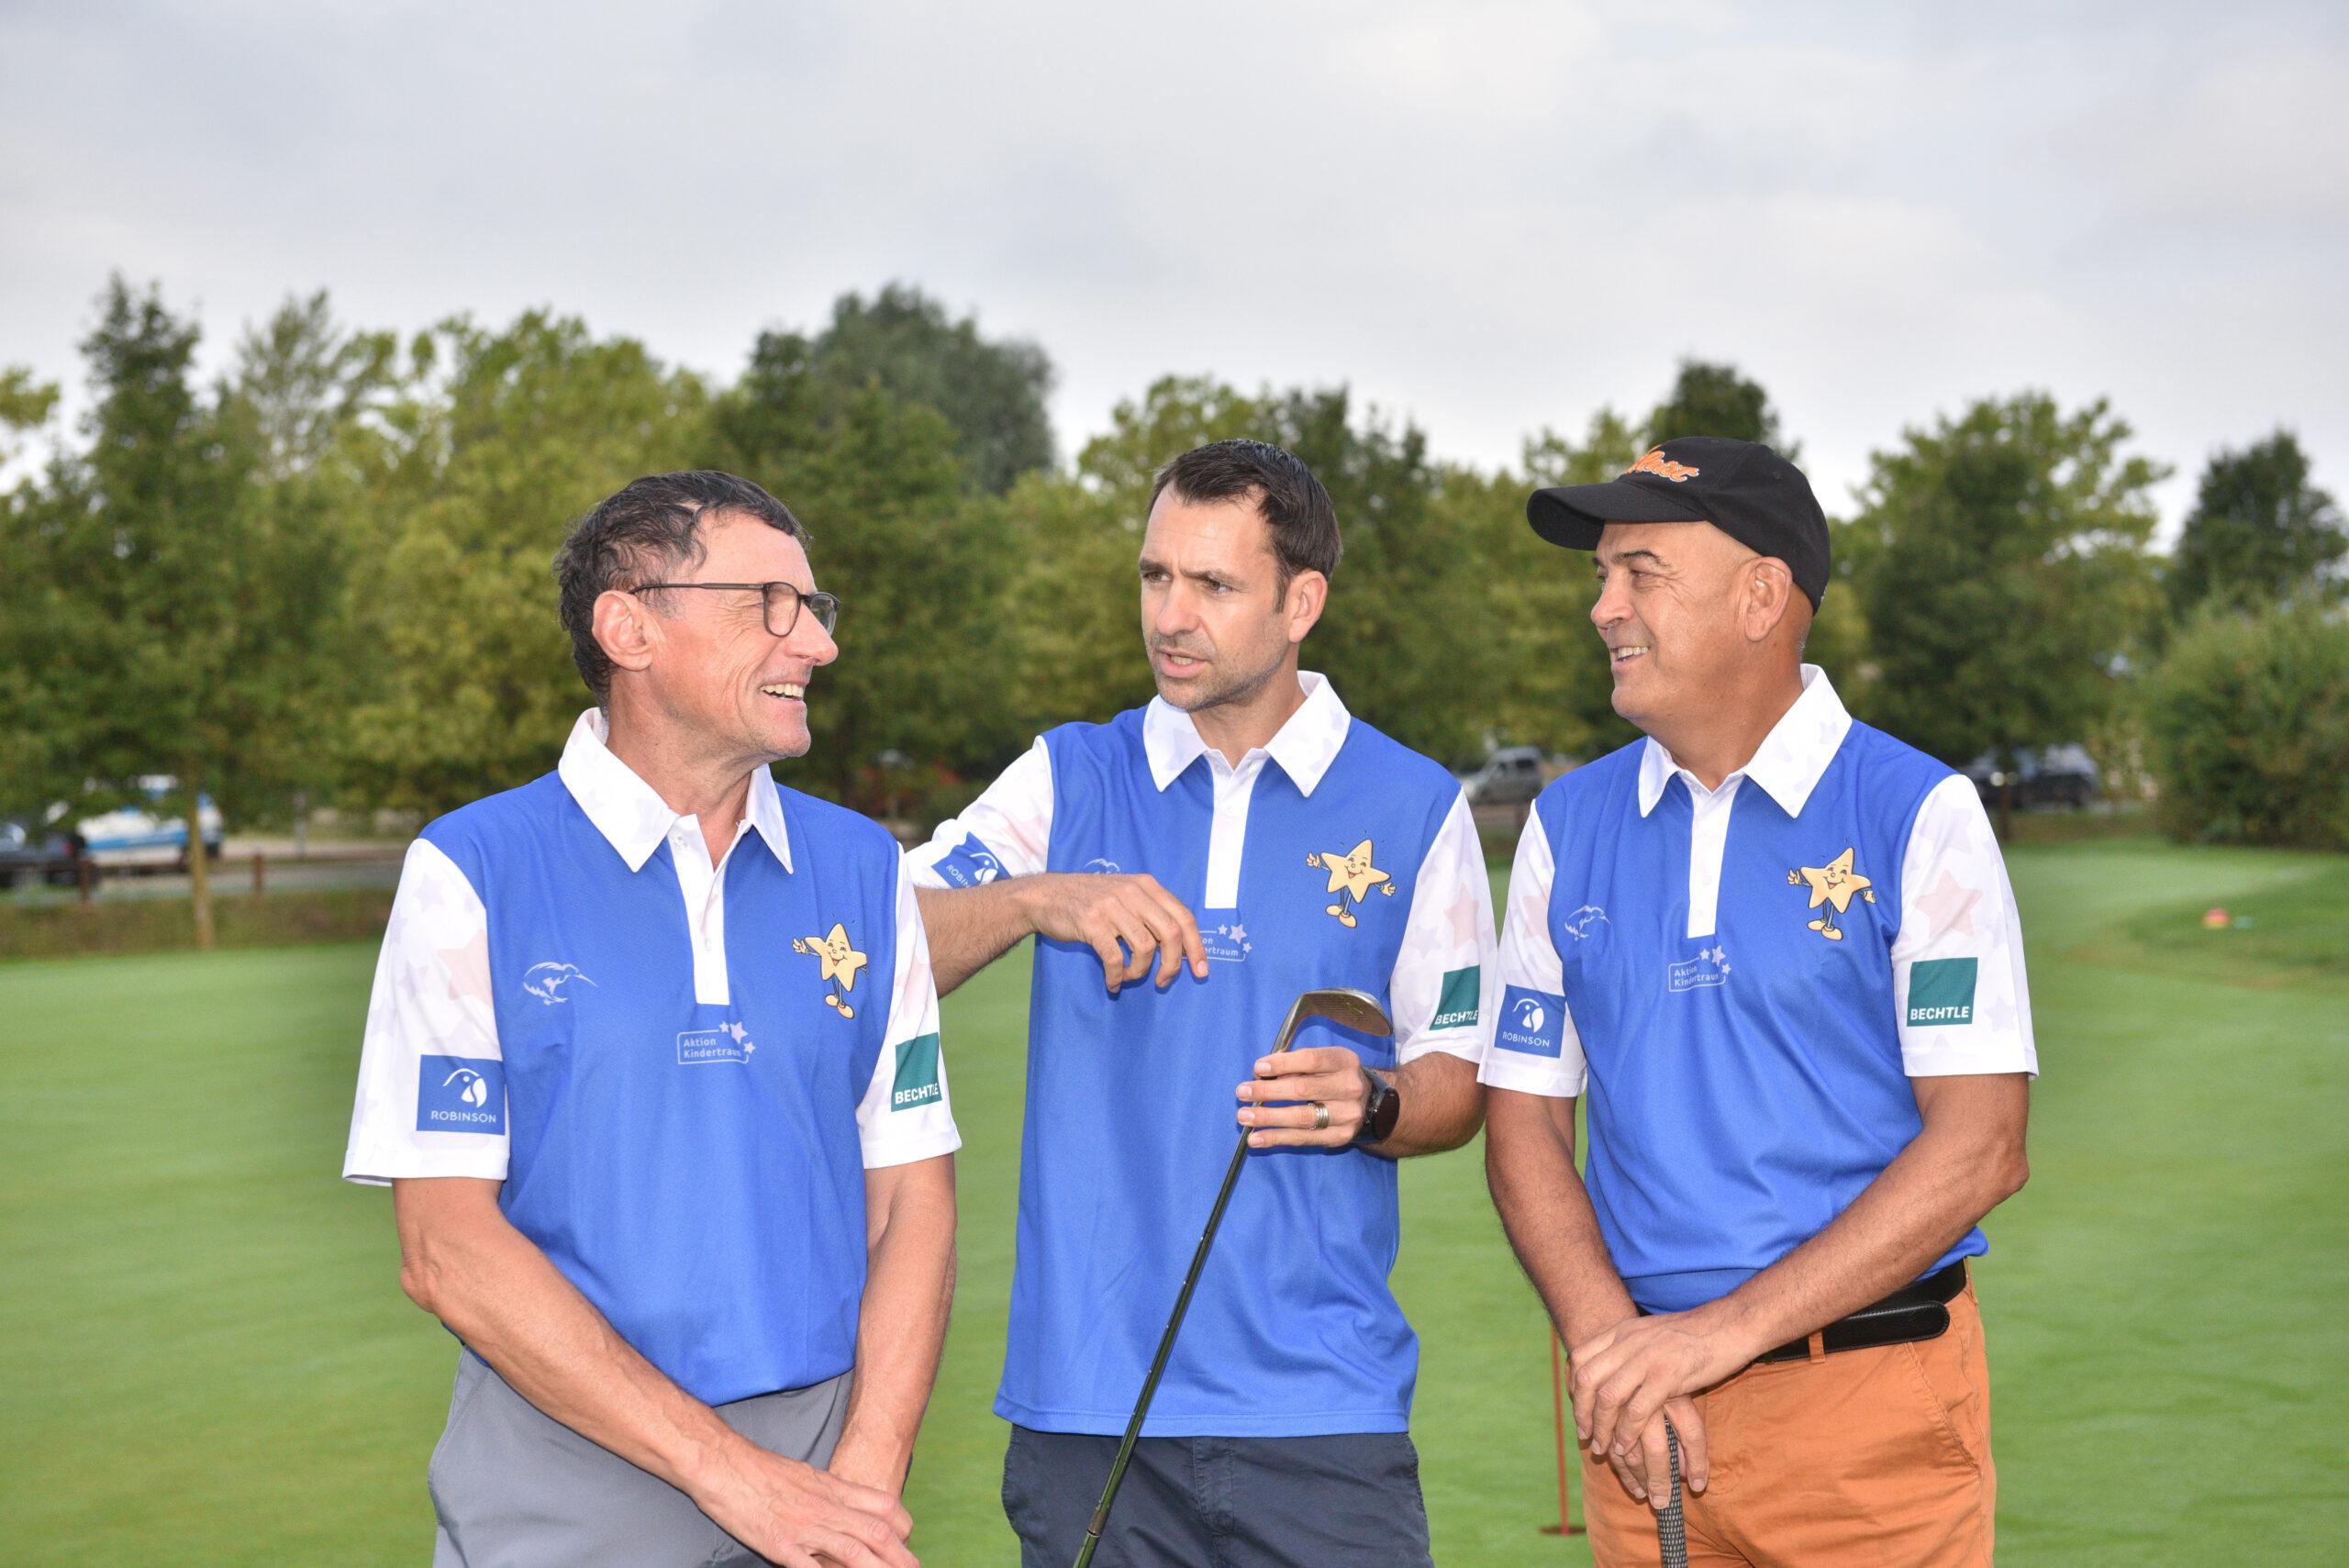 FranzosenKlein scaled - 8. Nicolas Kiefer Charity zu Gunsten von Aktion Kindertraum auf dem Golfplatz in Gleidingen